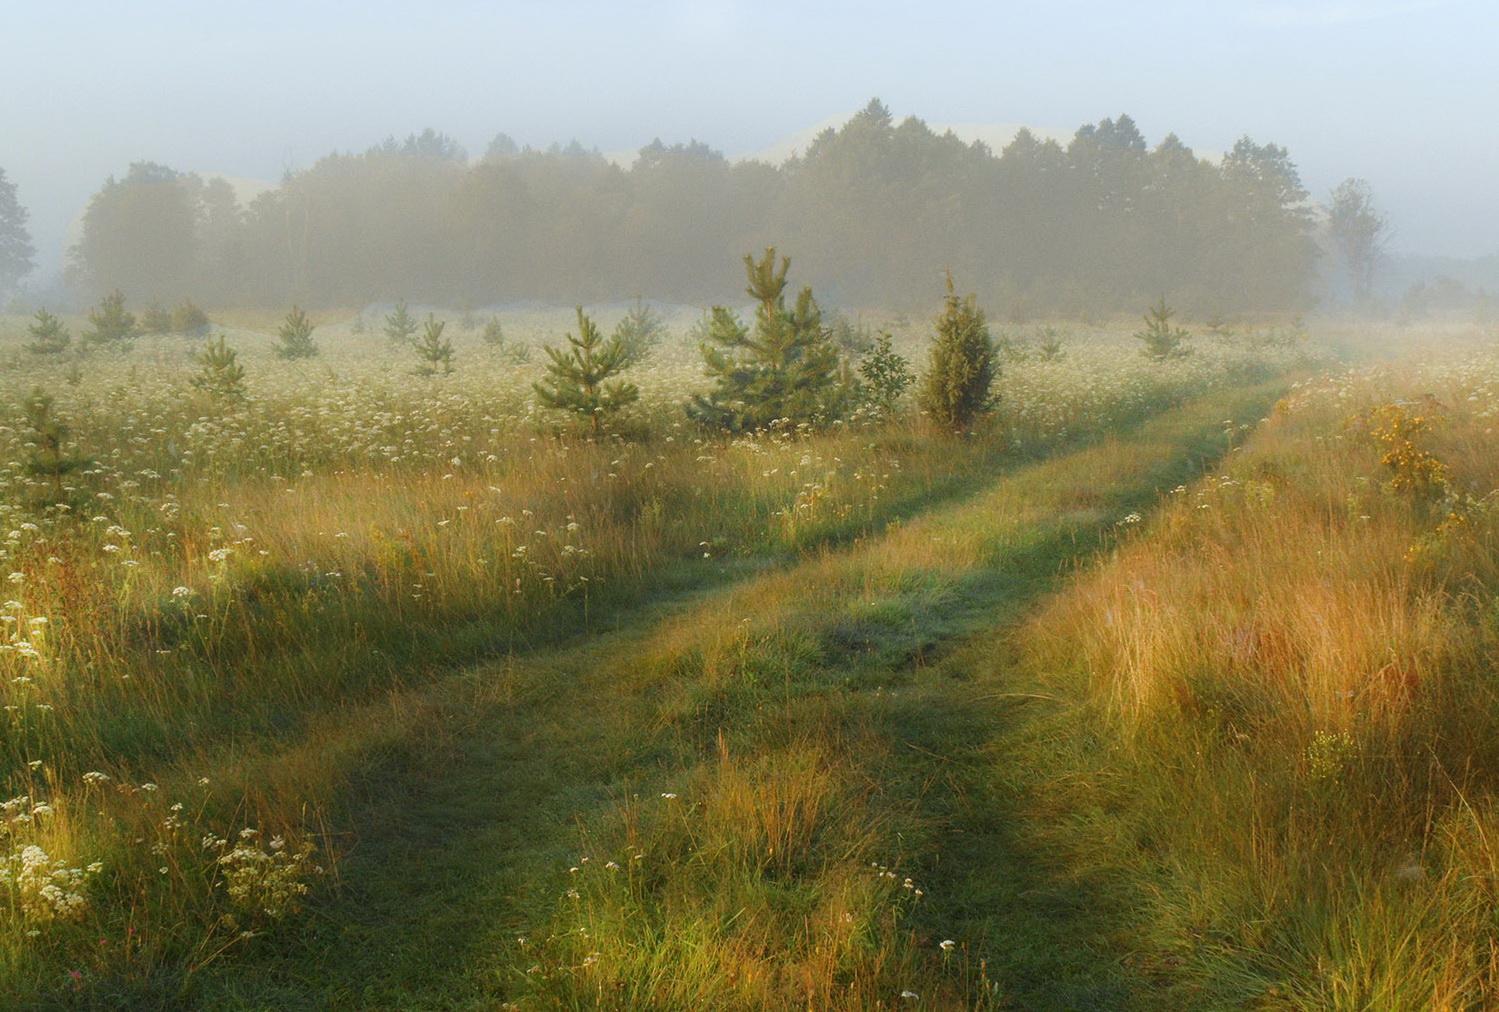 картинка августовский пейзаж современный вид